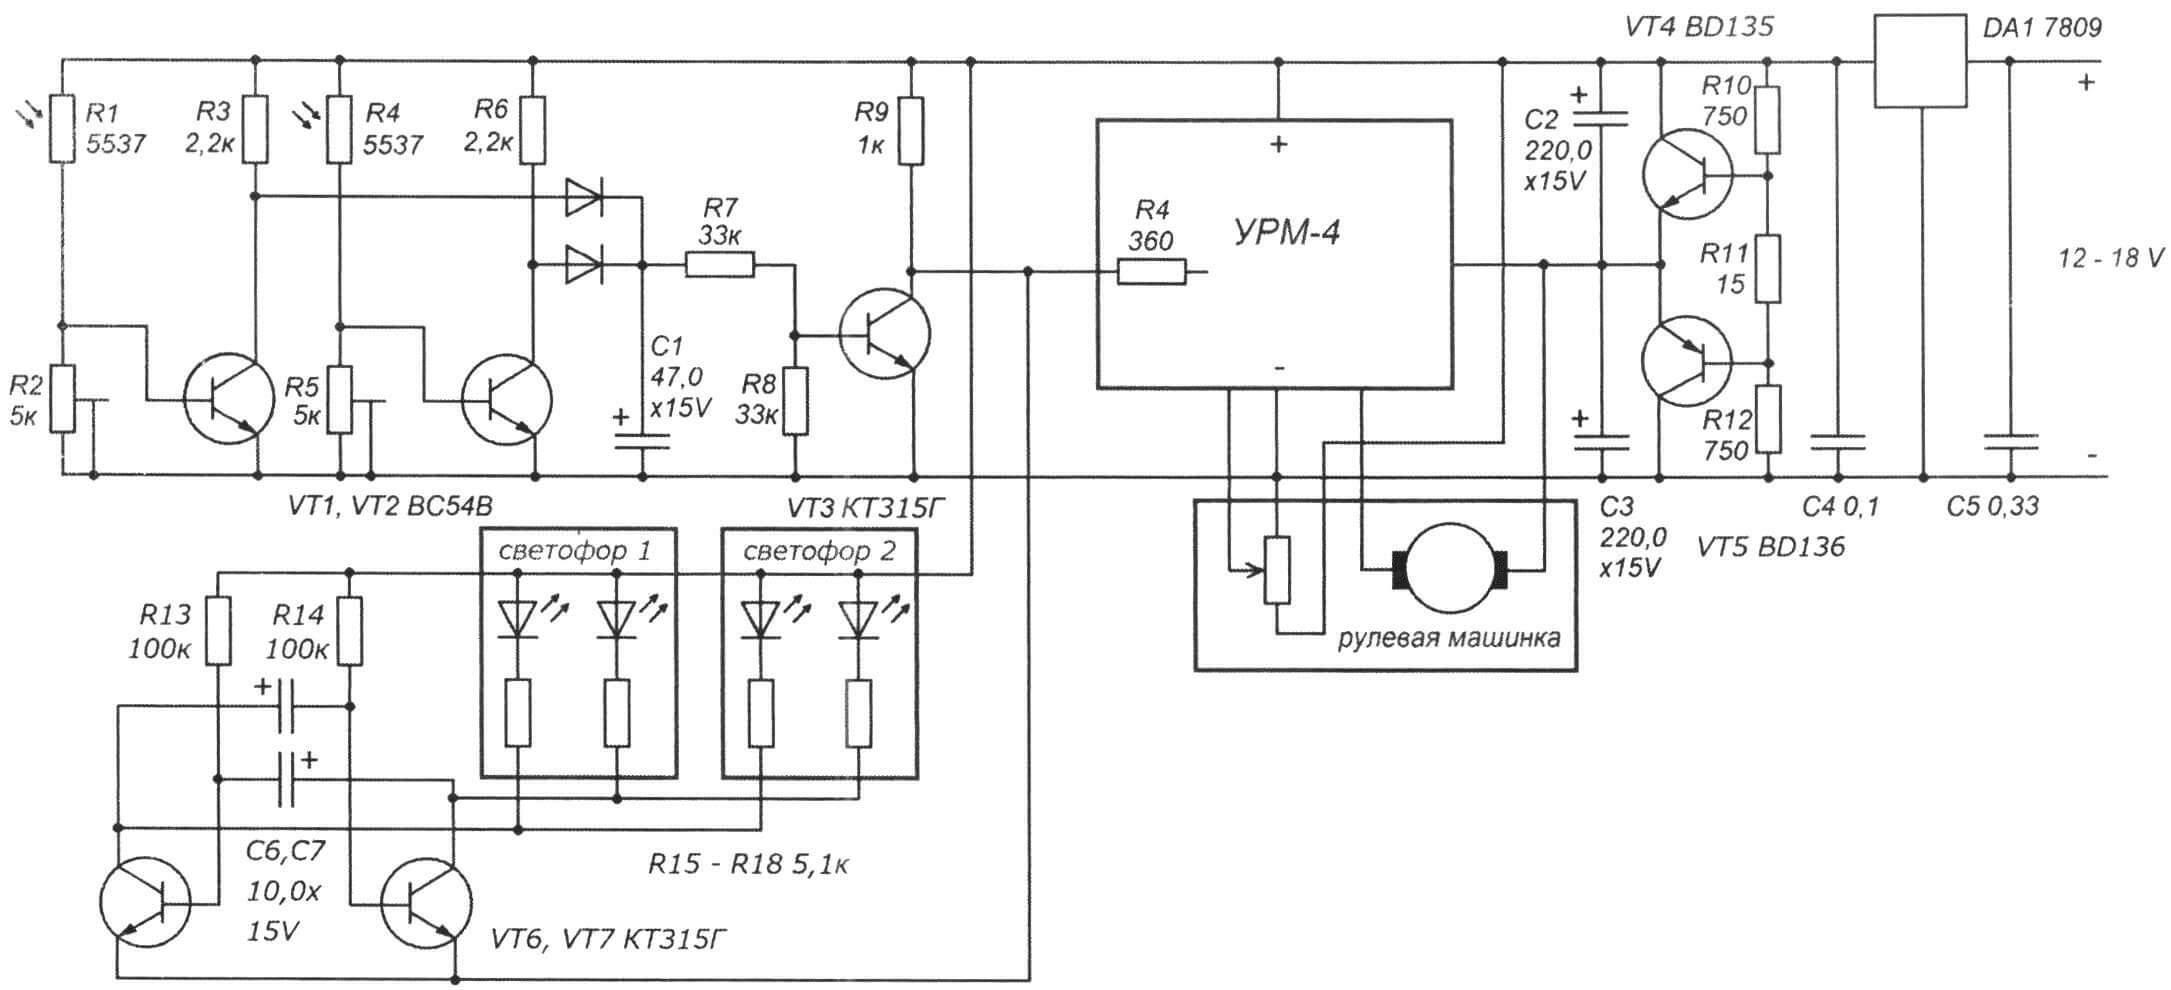 Принципиальная схема модуля управления шлагбаумами